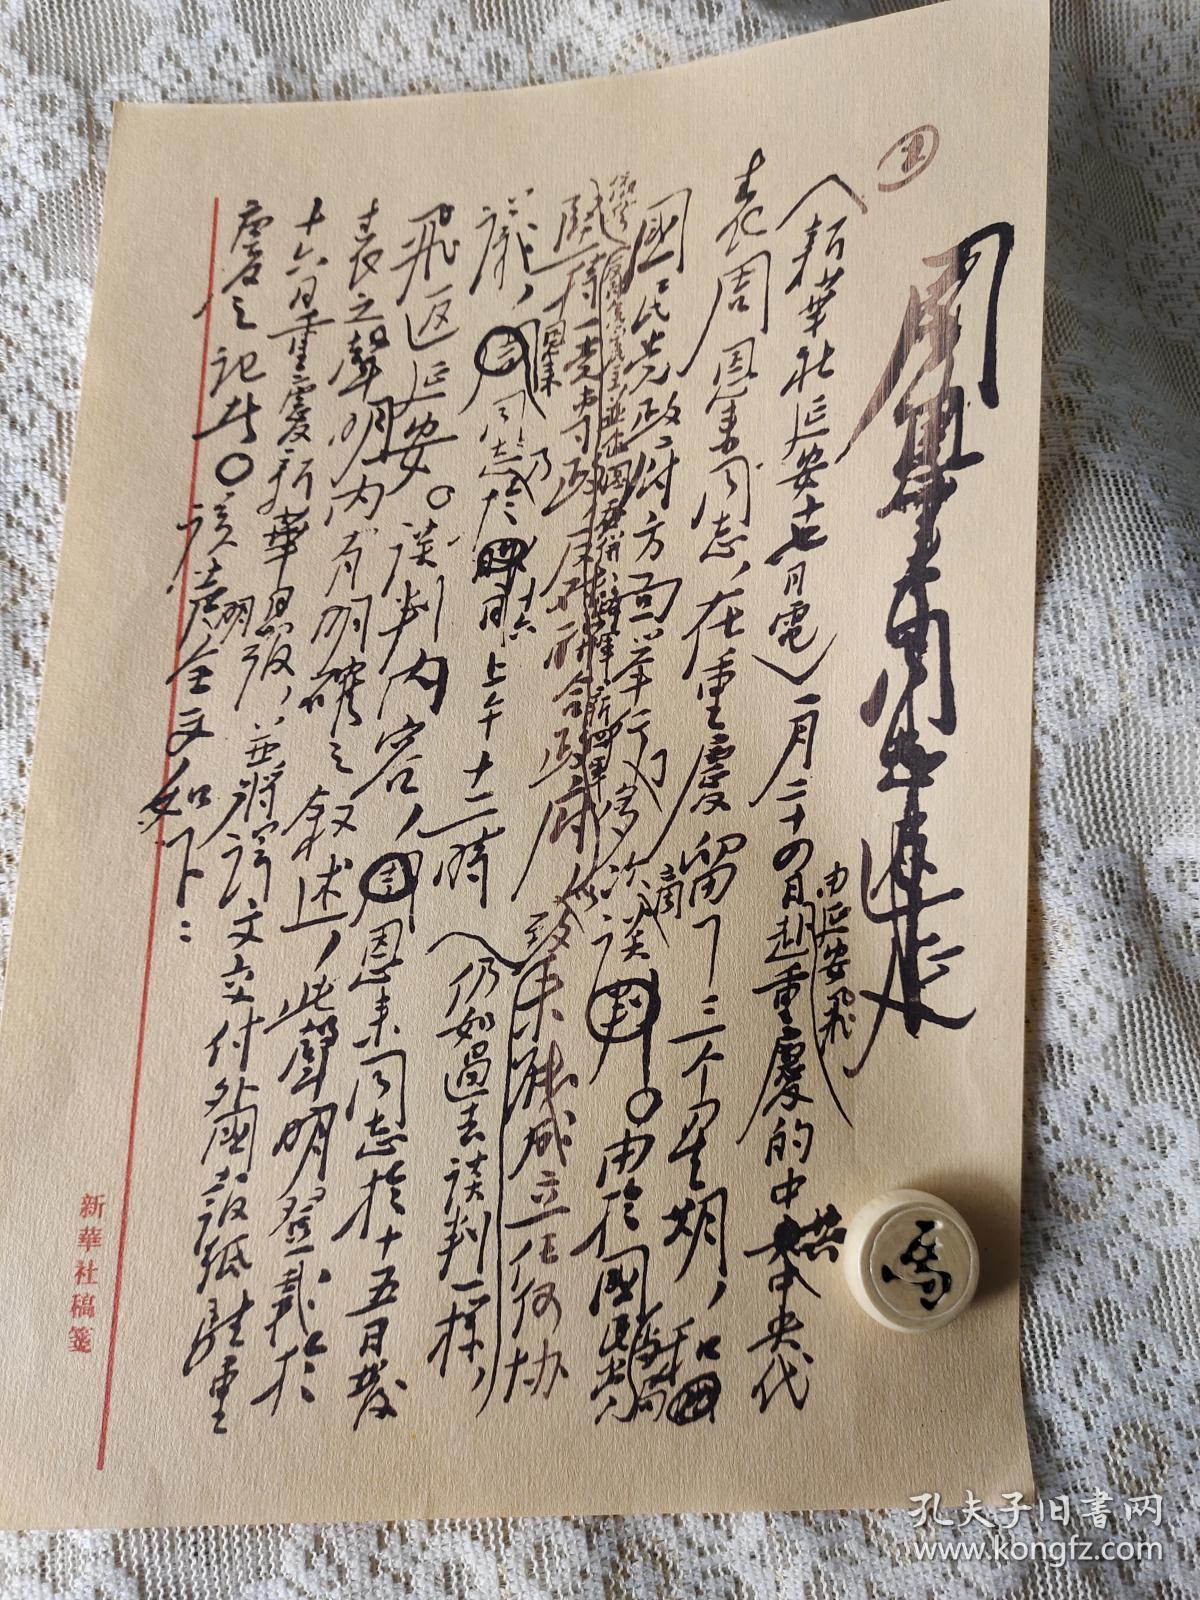 4新华社稿笺影印--革命文物-重庆谈判、延安